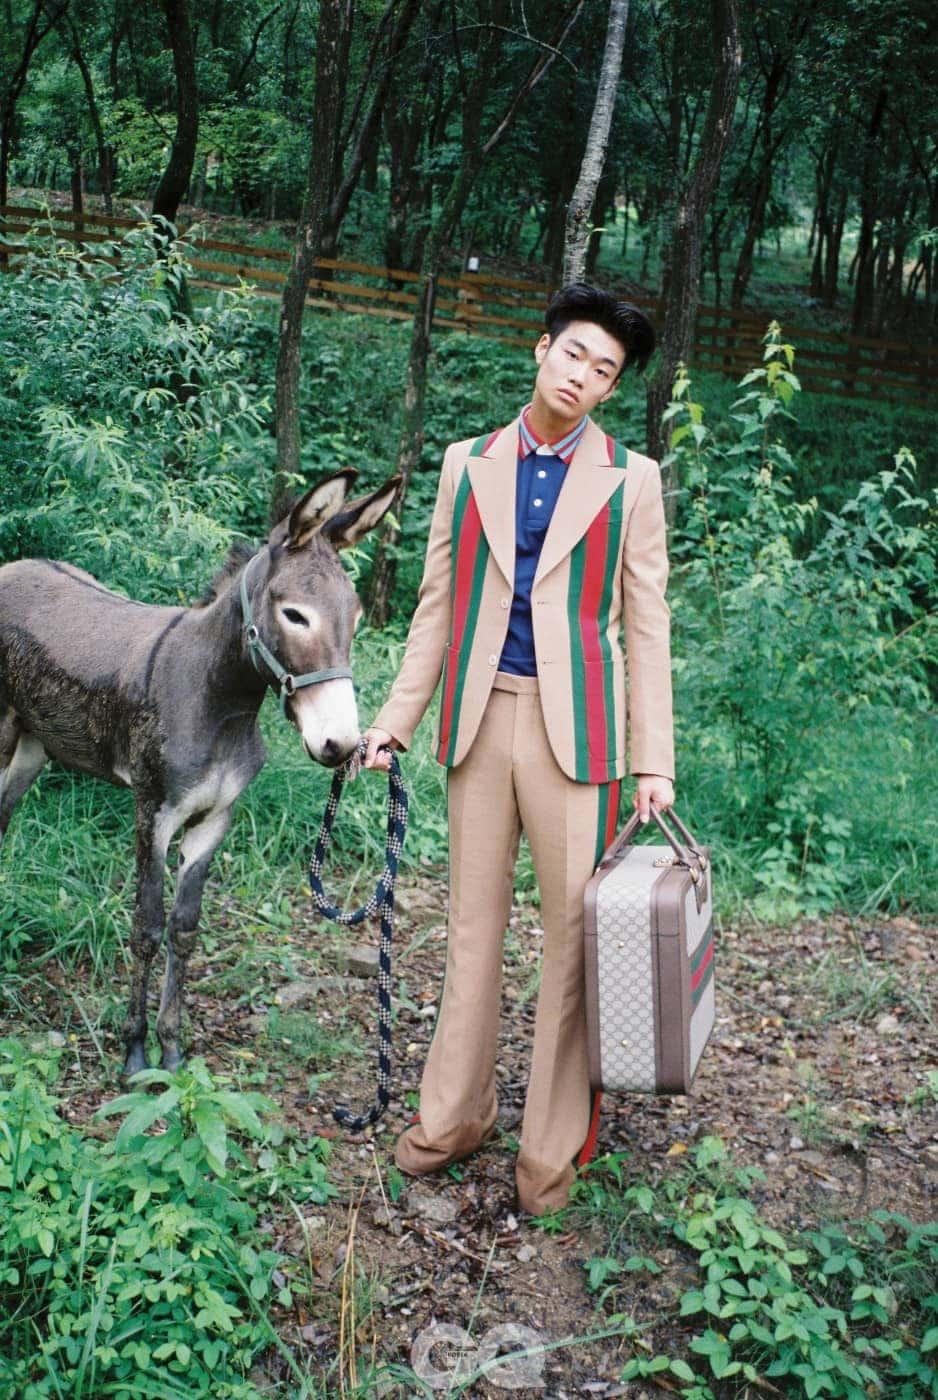 재킷 4백30만원, 팬츠 1백63만원, 피케 셔츠 75만원, 트렁크 가방, 페이턴트 화이트 스니커즈 가격 미정, 모두 구찌.